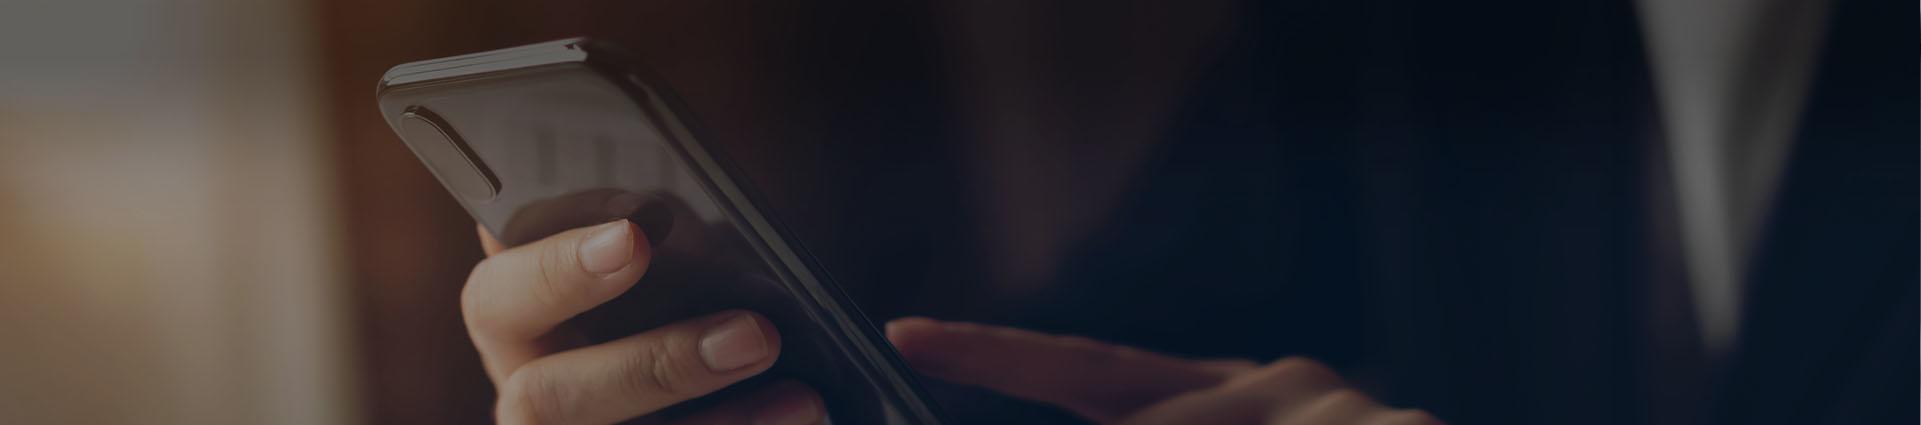 osoba trzyma w dłoni telefon komórkowy